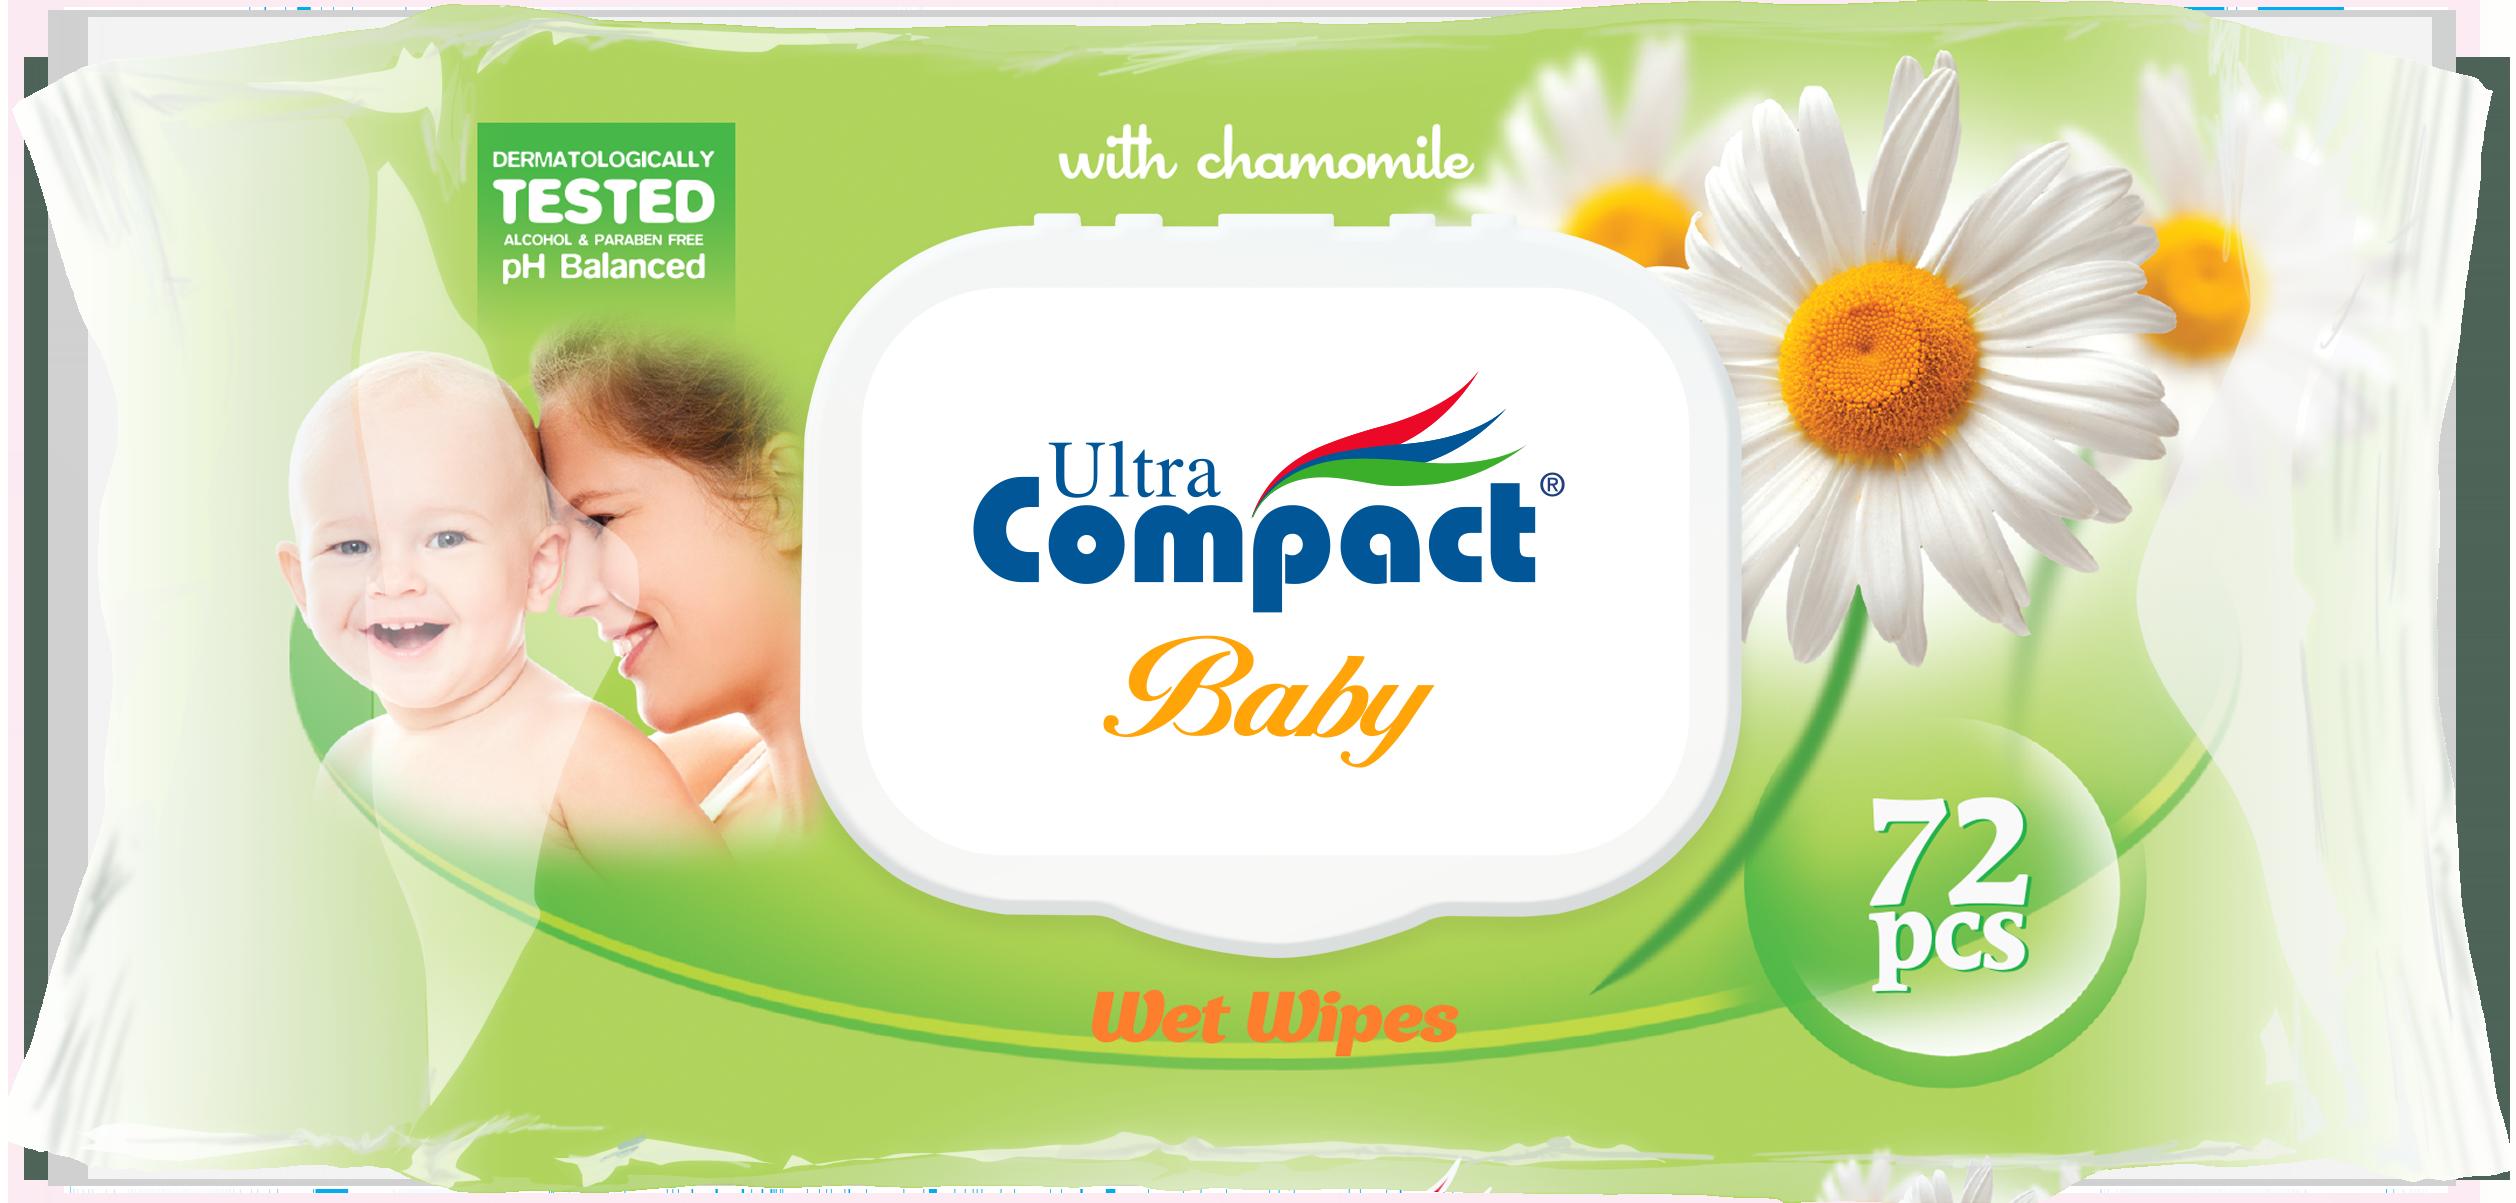 BABY WET WIPES 72 PCS